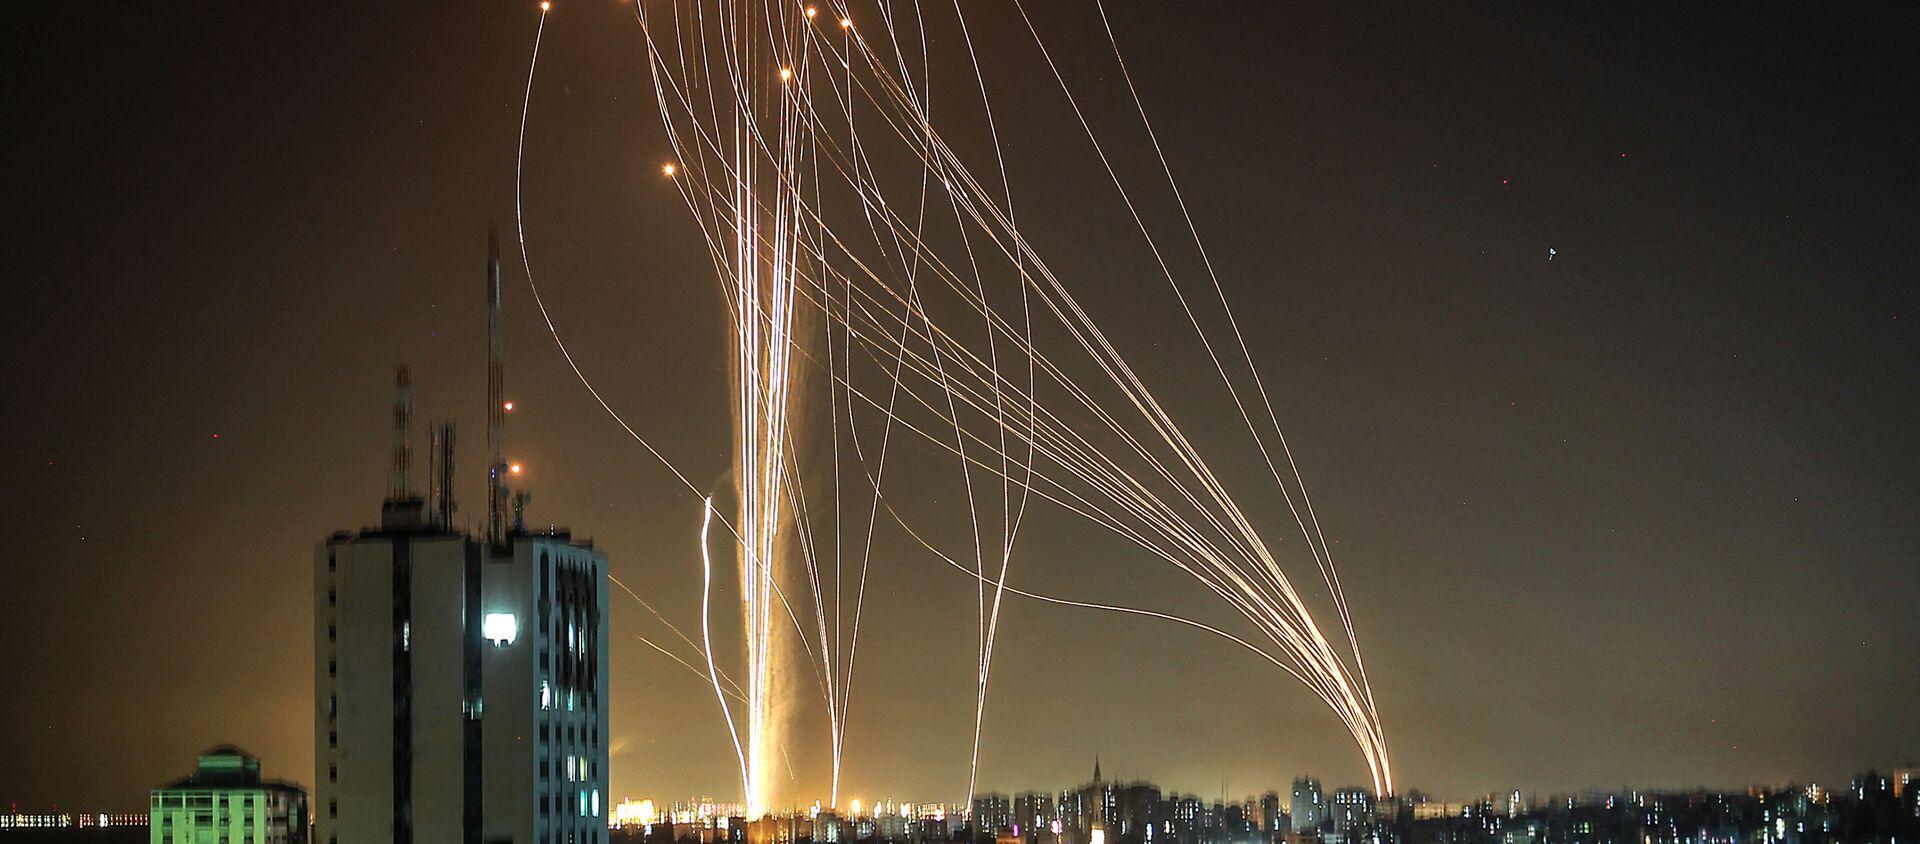 ガザ地区からロケット - Sputnik 日本, 1920, 15.05.2021